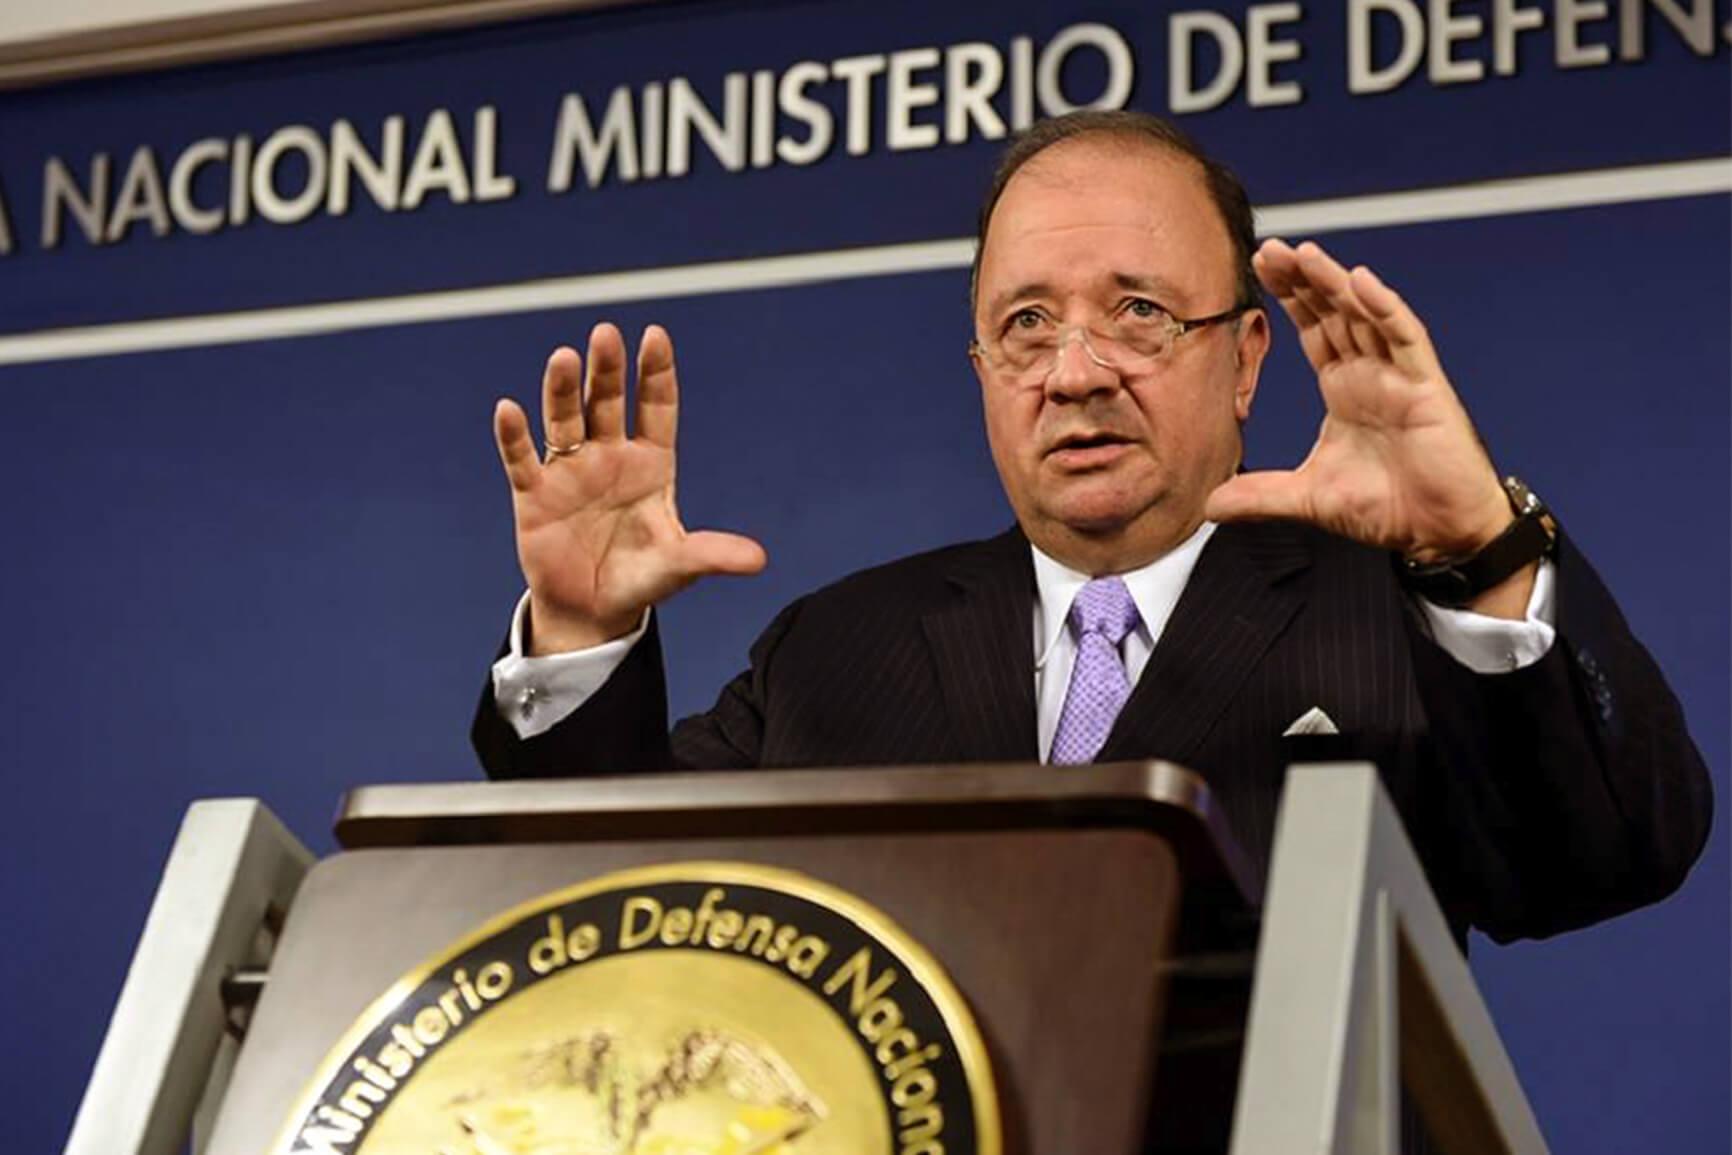 Ministro Villegas, usted está muy equivocado con los líderes sociales